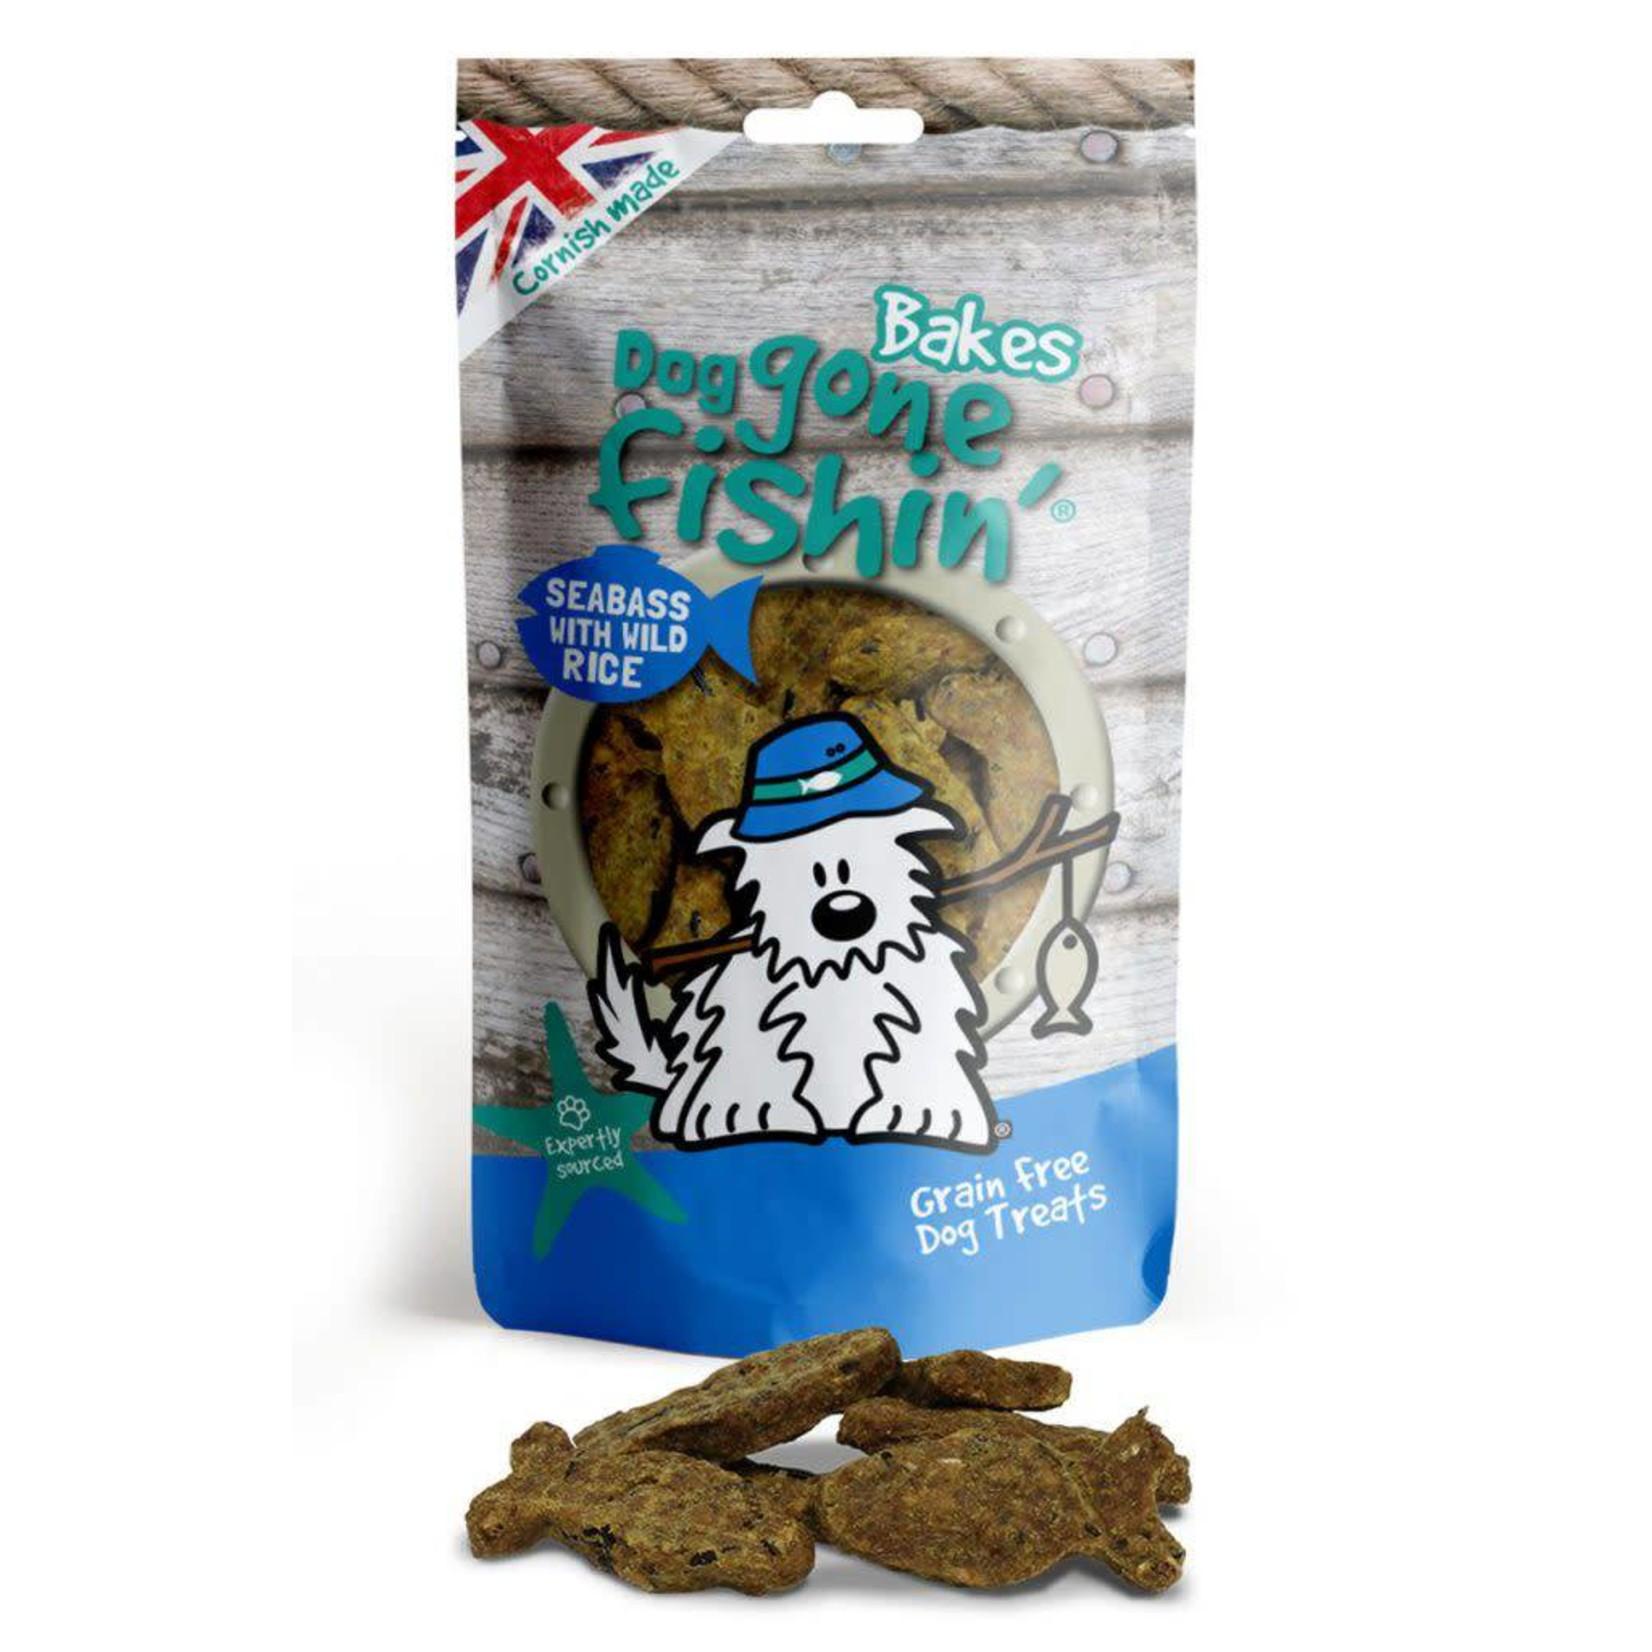 Dog gone fishin' Bakes Seabass & Wild Rice Dog Treats 75g